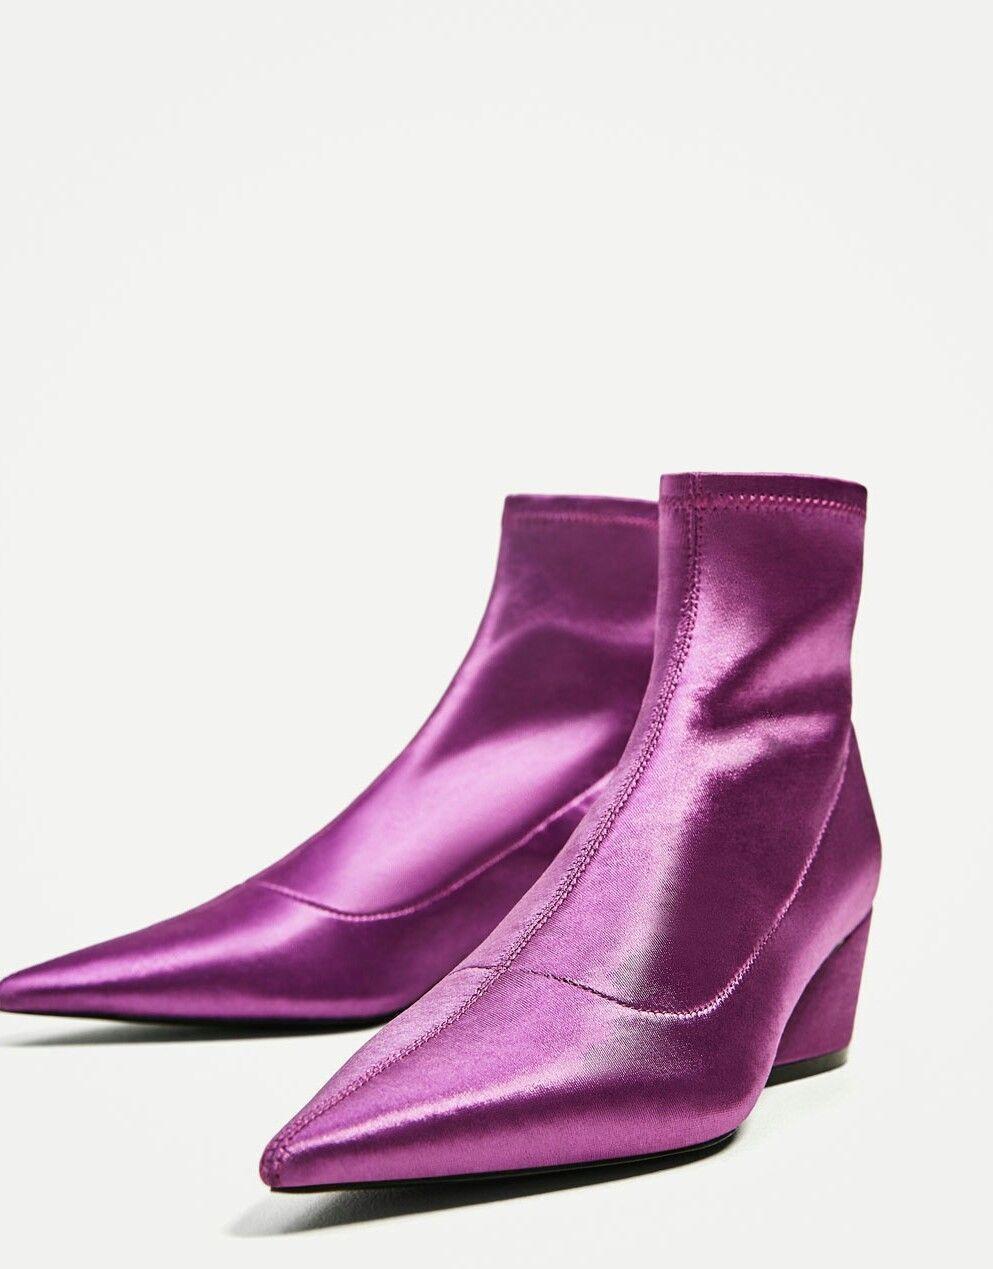 Zara púrpura Calcetín Estilo Stretch Elastic señaló Tobillo botas REF 5100 201